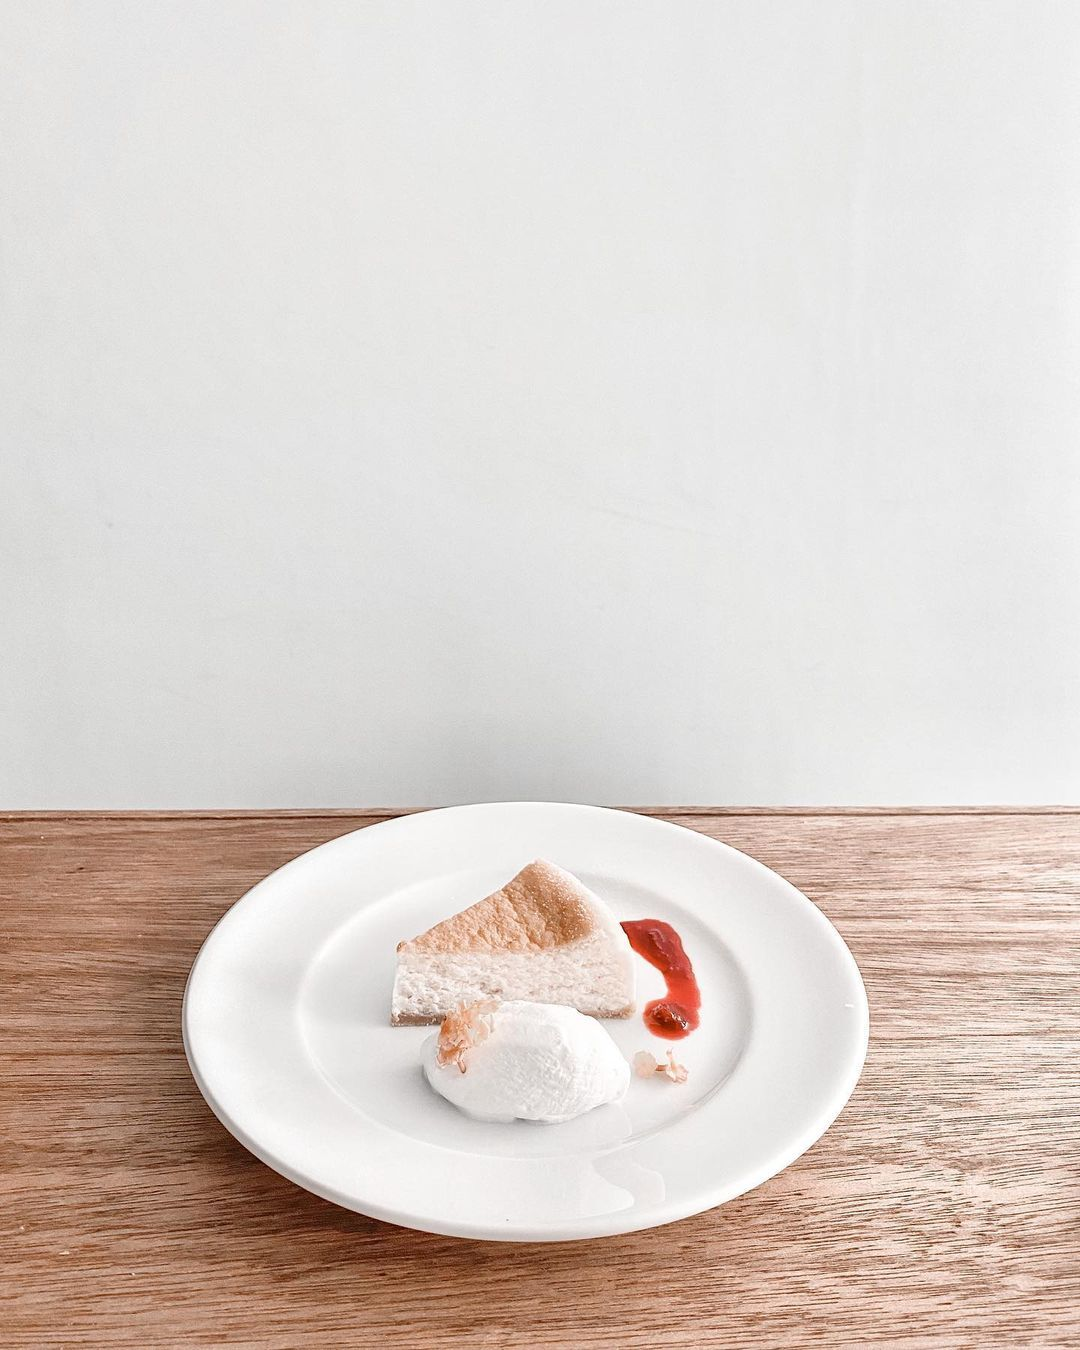 Kaho ᴛʀᴀᴠᴇʟ ғᴀsʜɪᴏɴ On Instagram 好きなカフェの 好きなデザートメニュー ベイクドチーズケーキ バリスタおすすめの コーヒーととてもよく合うのです Lunchはひとつ前にpost In 2020 Food Cafe Bread